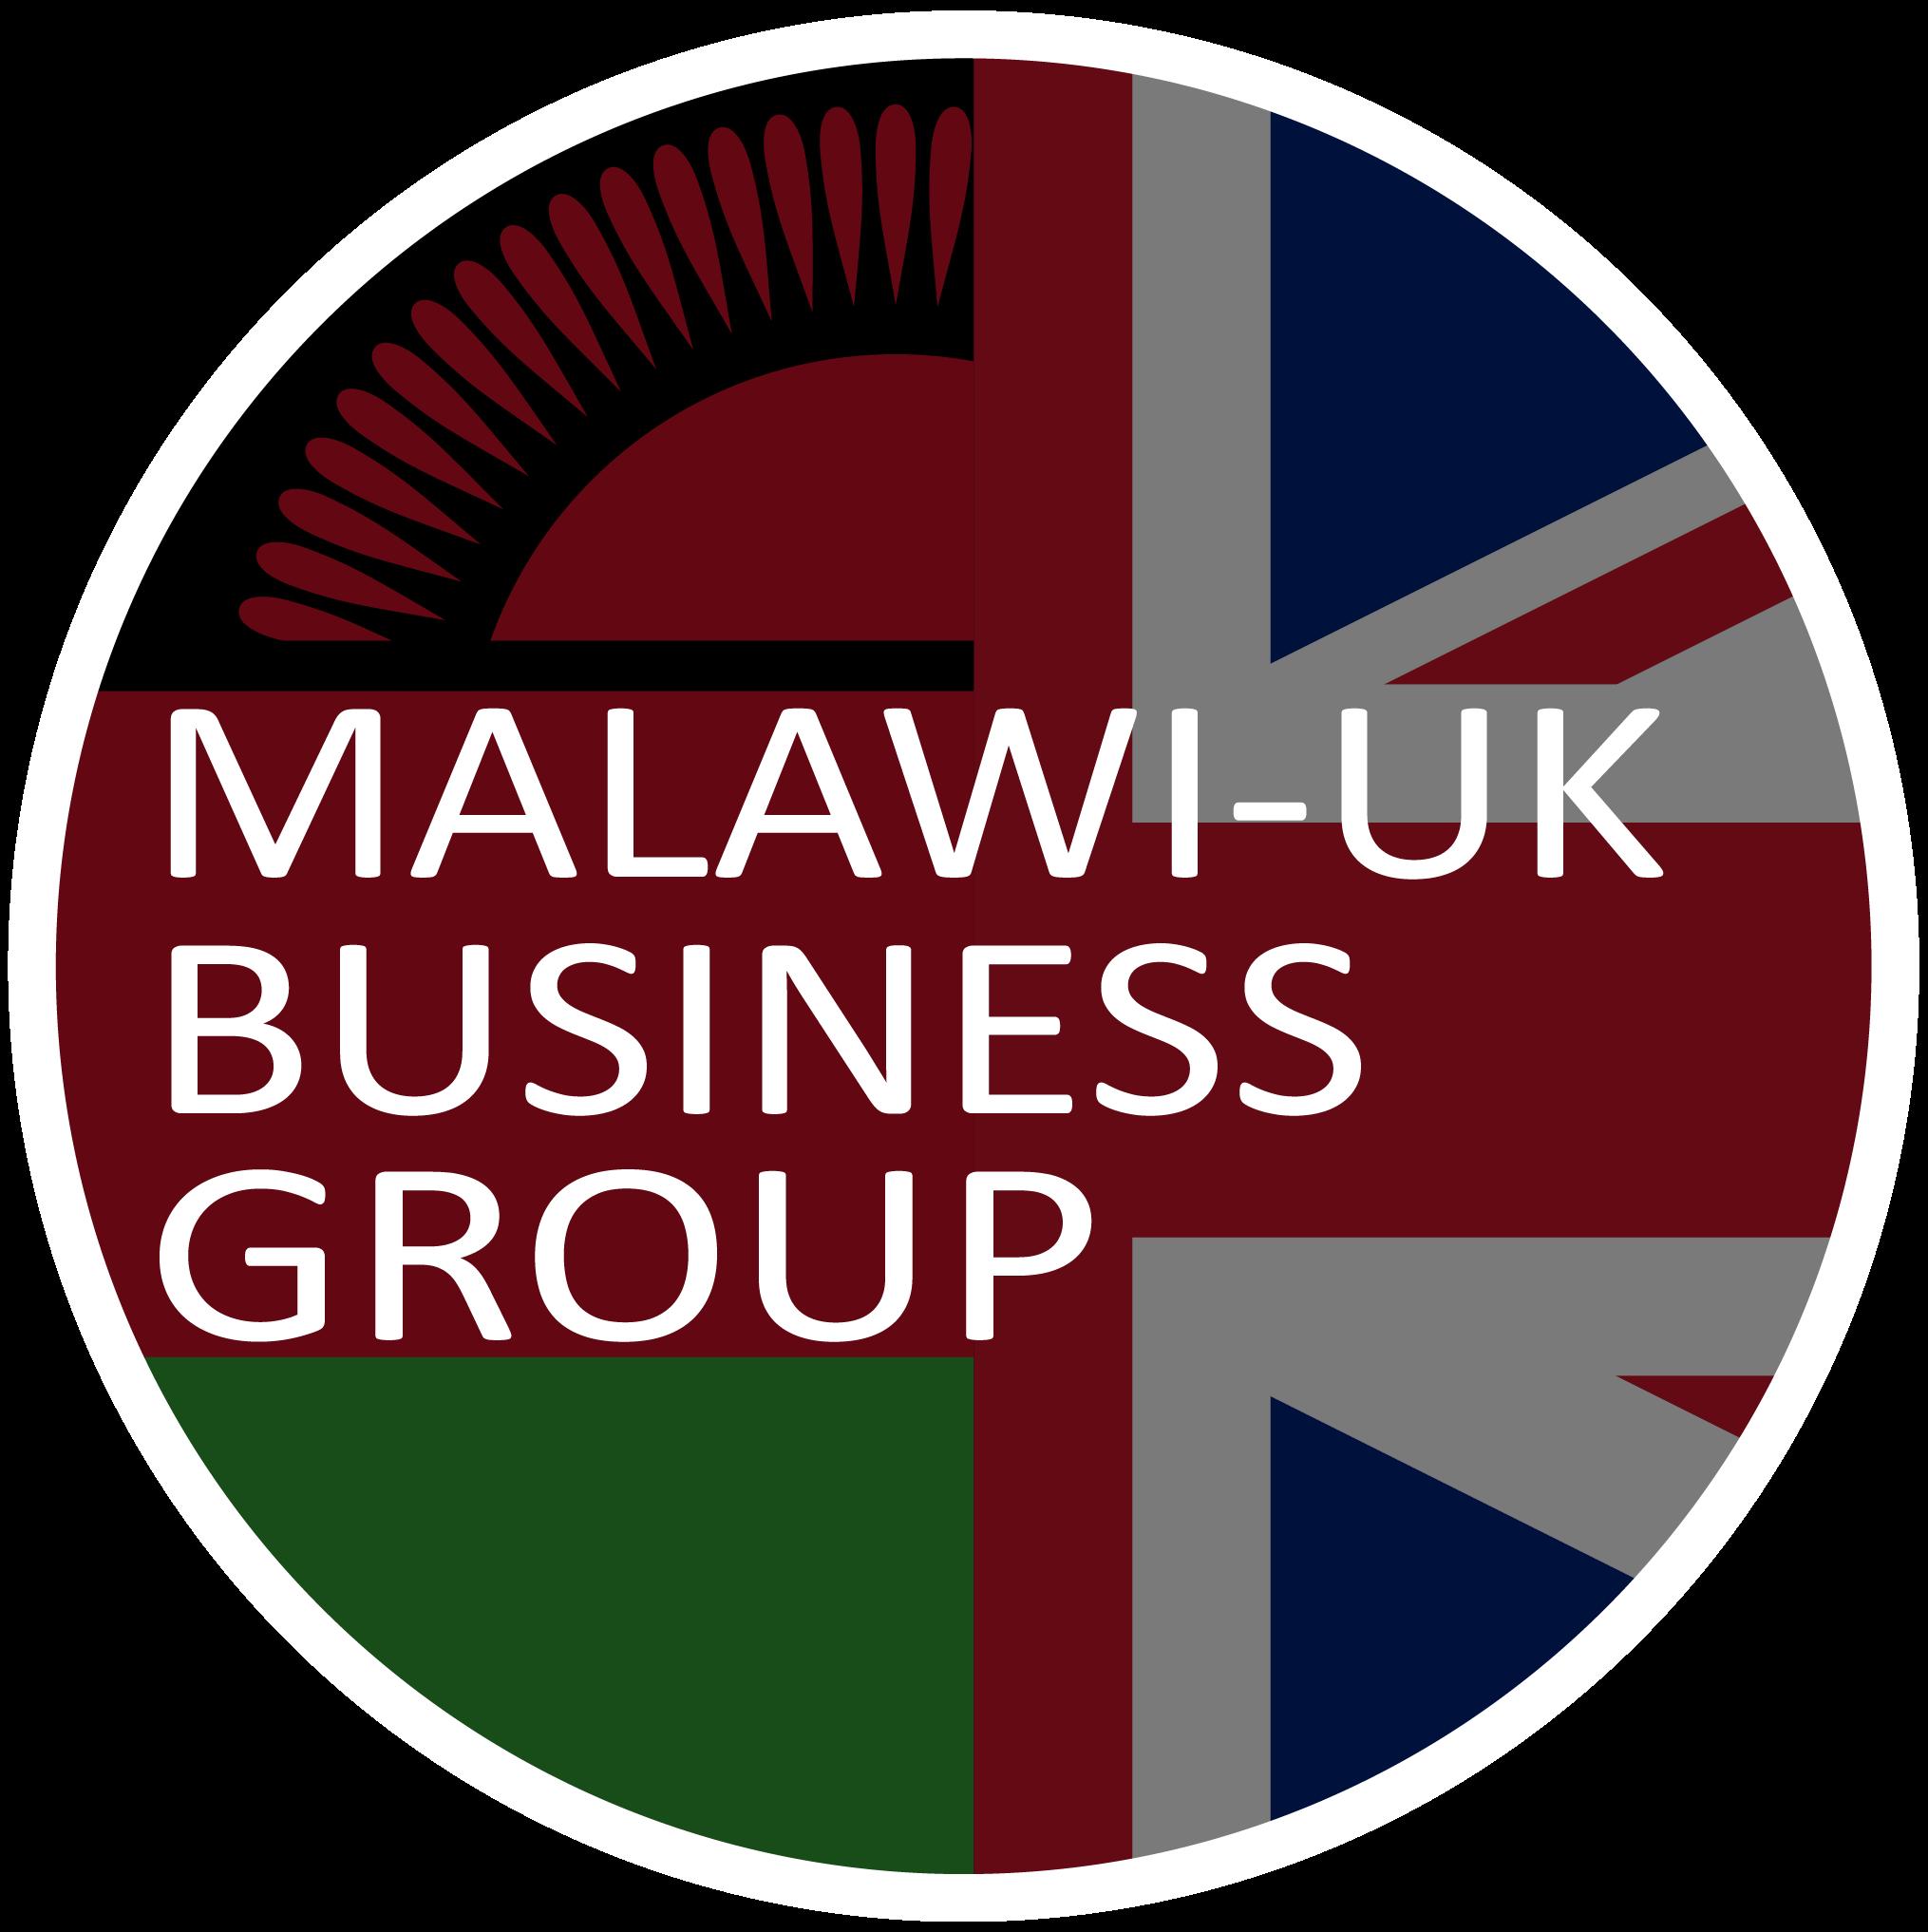 MALAWI-UK Business Group logo.png